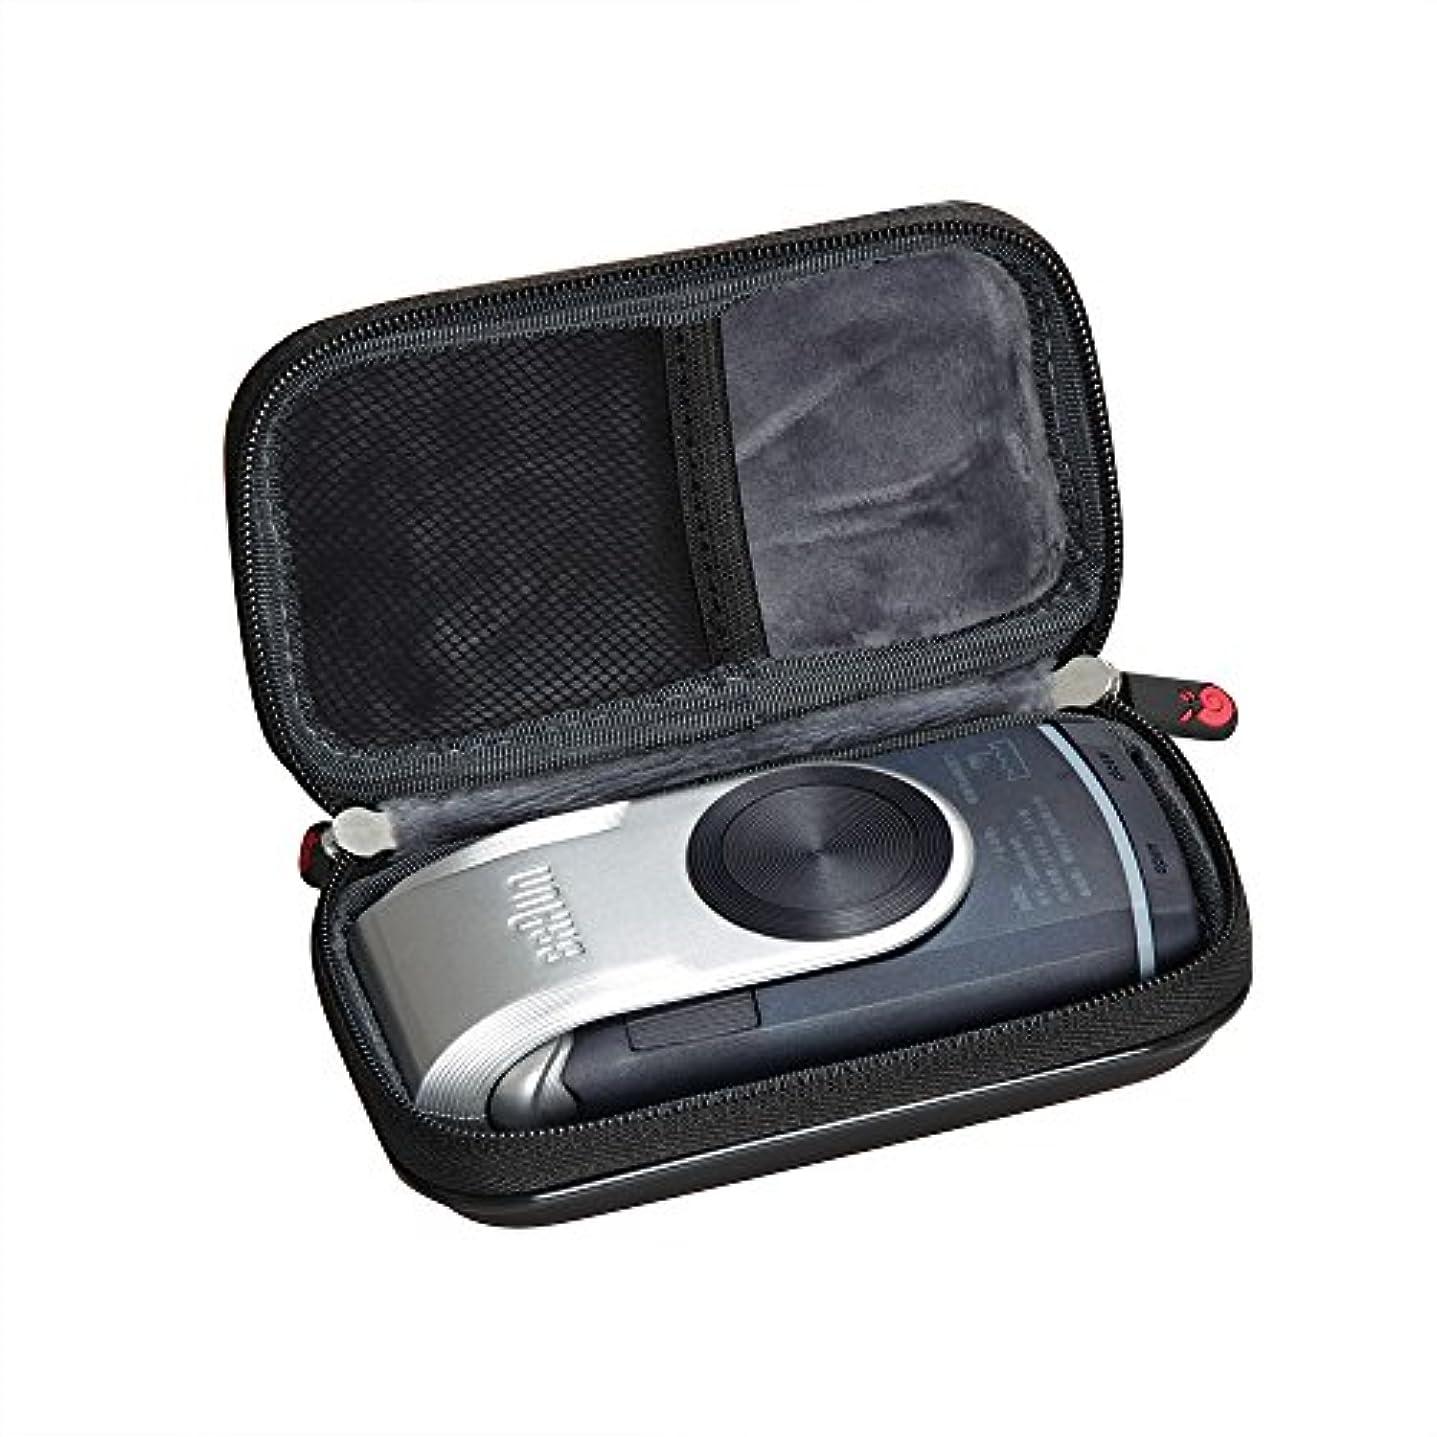 効率的周術期授業料Hermitshell 専用保護旅行収納キャリングケース完全対応 BRAUN M-90モバイルメンズ電気シェーバー